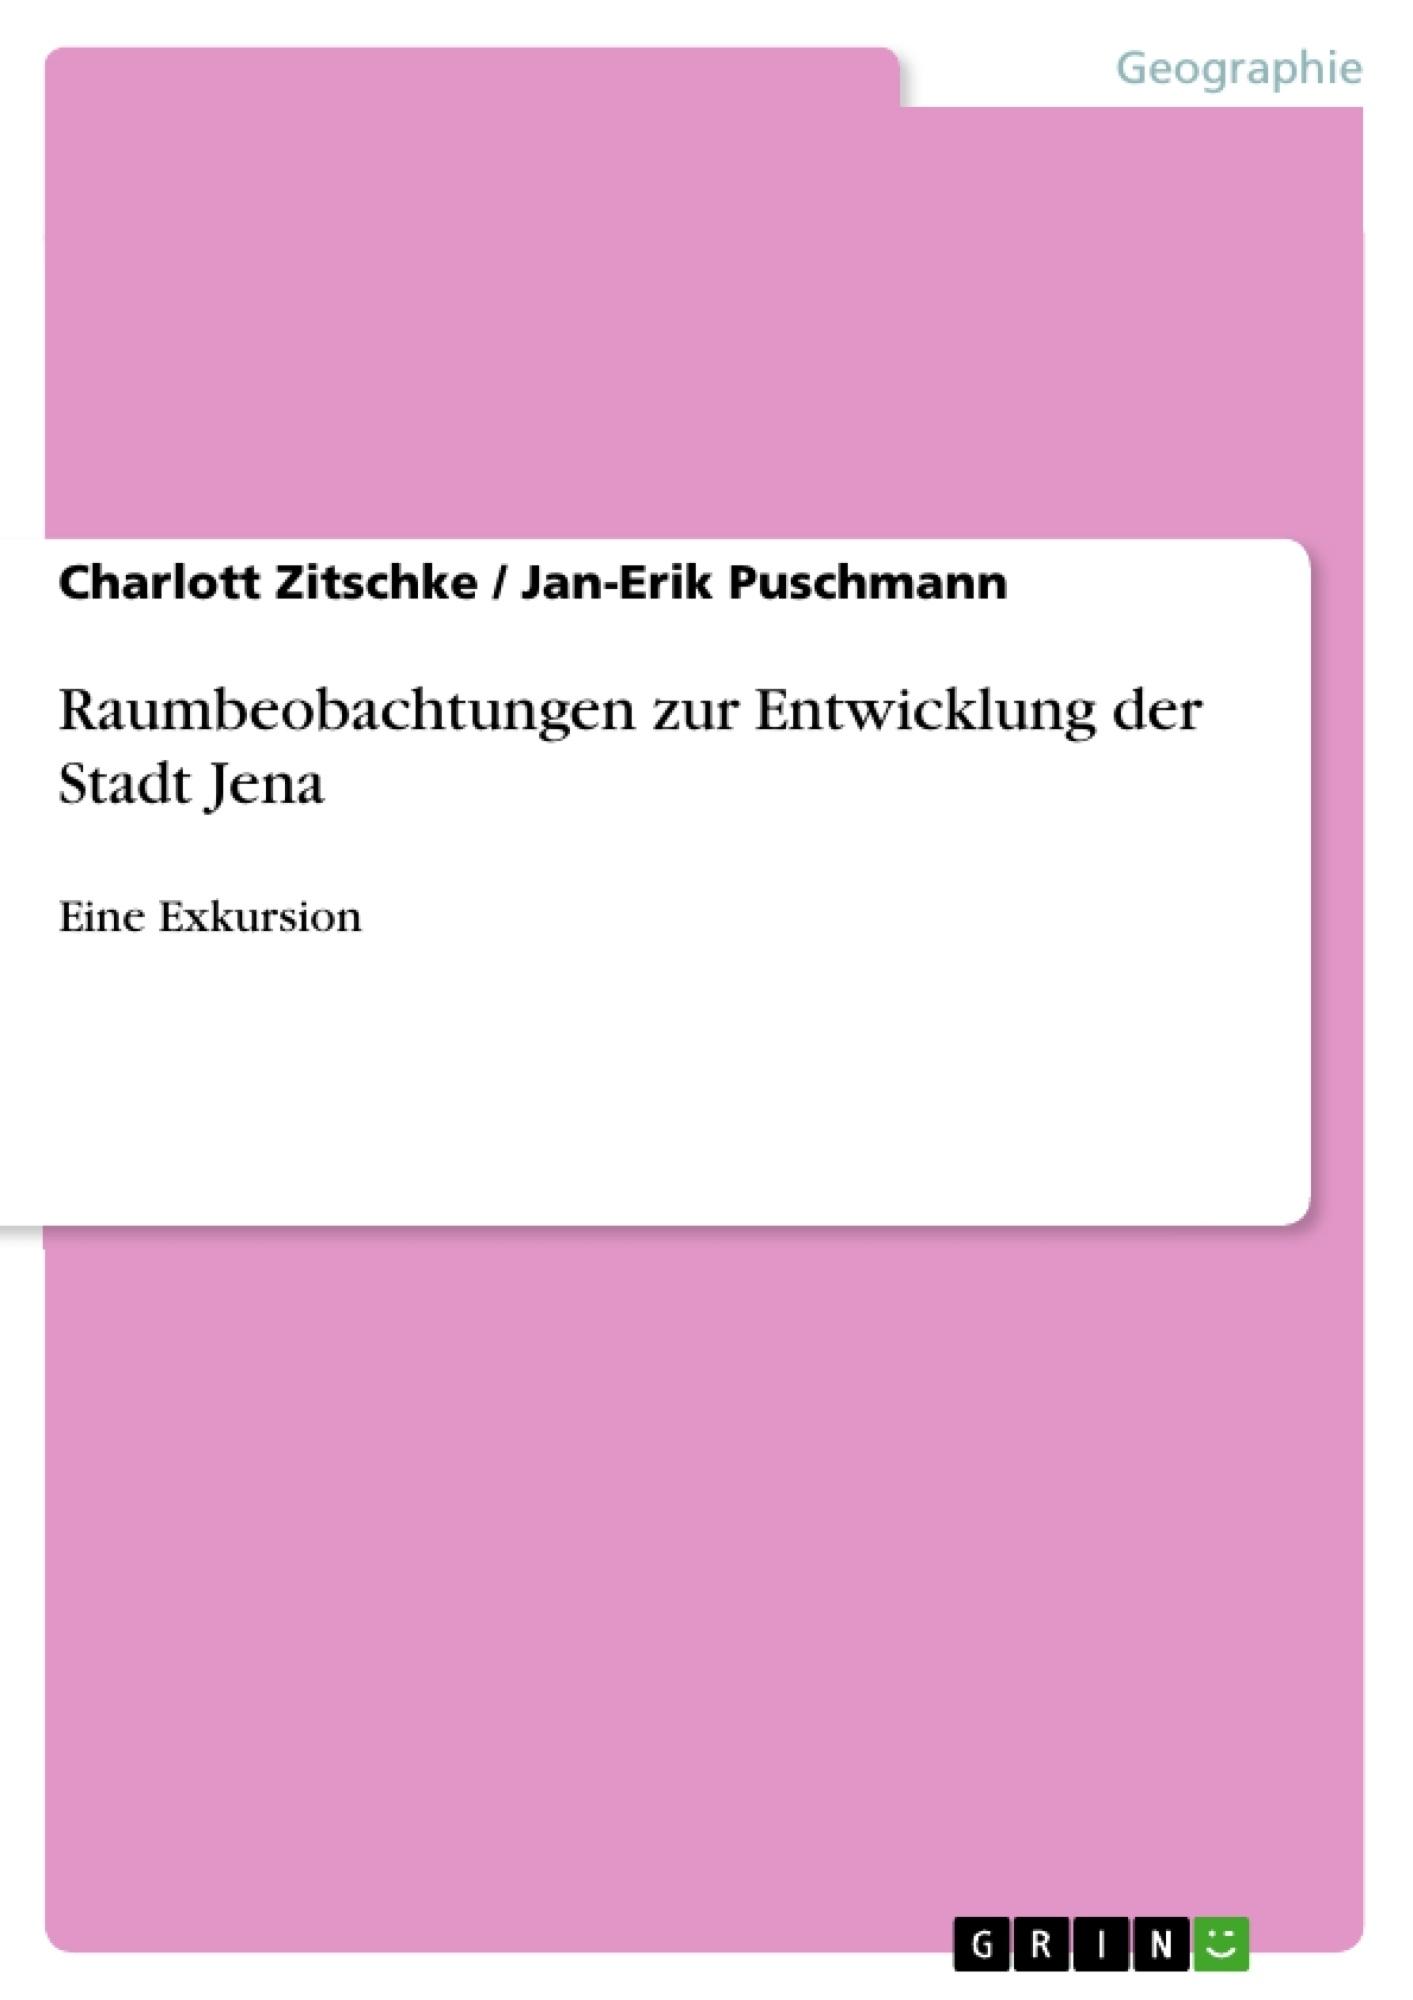 Titel: Raumbeobachtungen zur Entwicklung der Stadt Jena